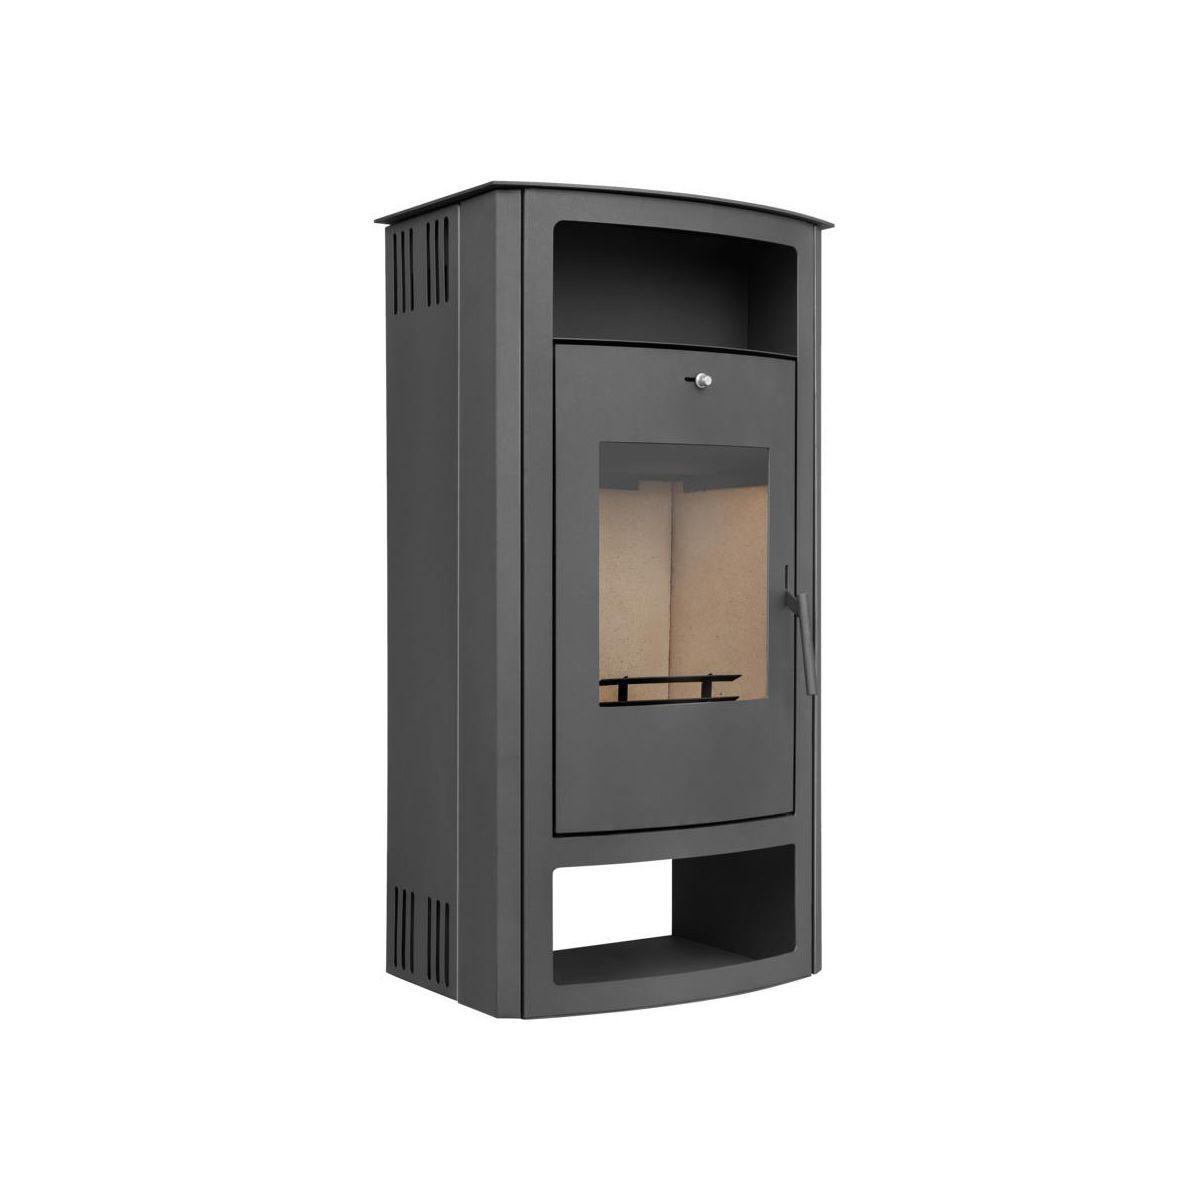 Piec Kominkowy W11 Szary 6 7 Kw Ackerman Piece Kominkowe W Atrakcyjnej Cenie W Sklepach Leroy Merlin Locker Storage Home Decor Storage